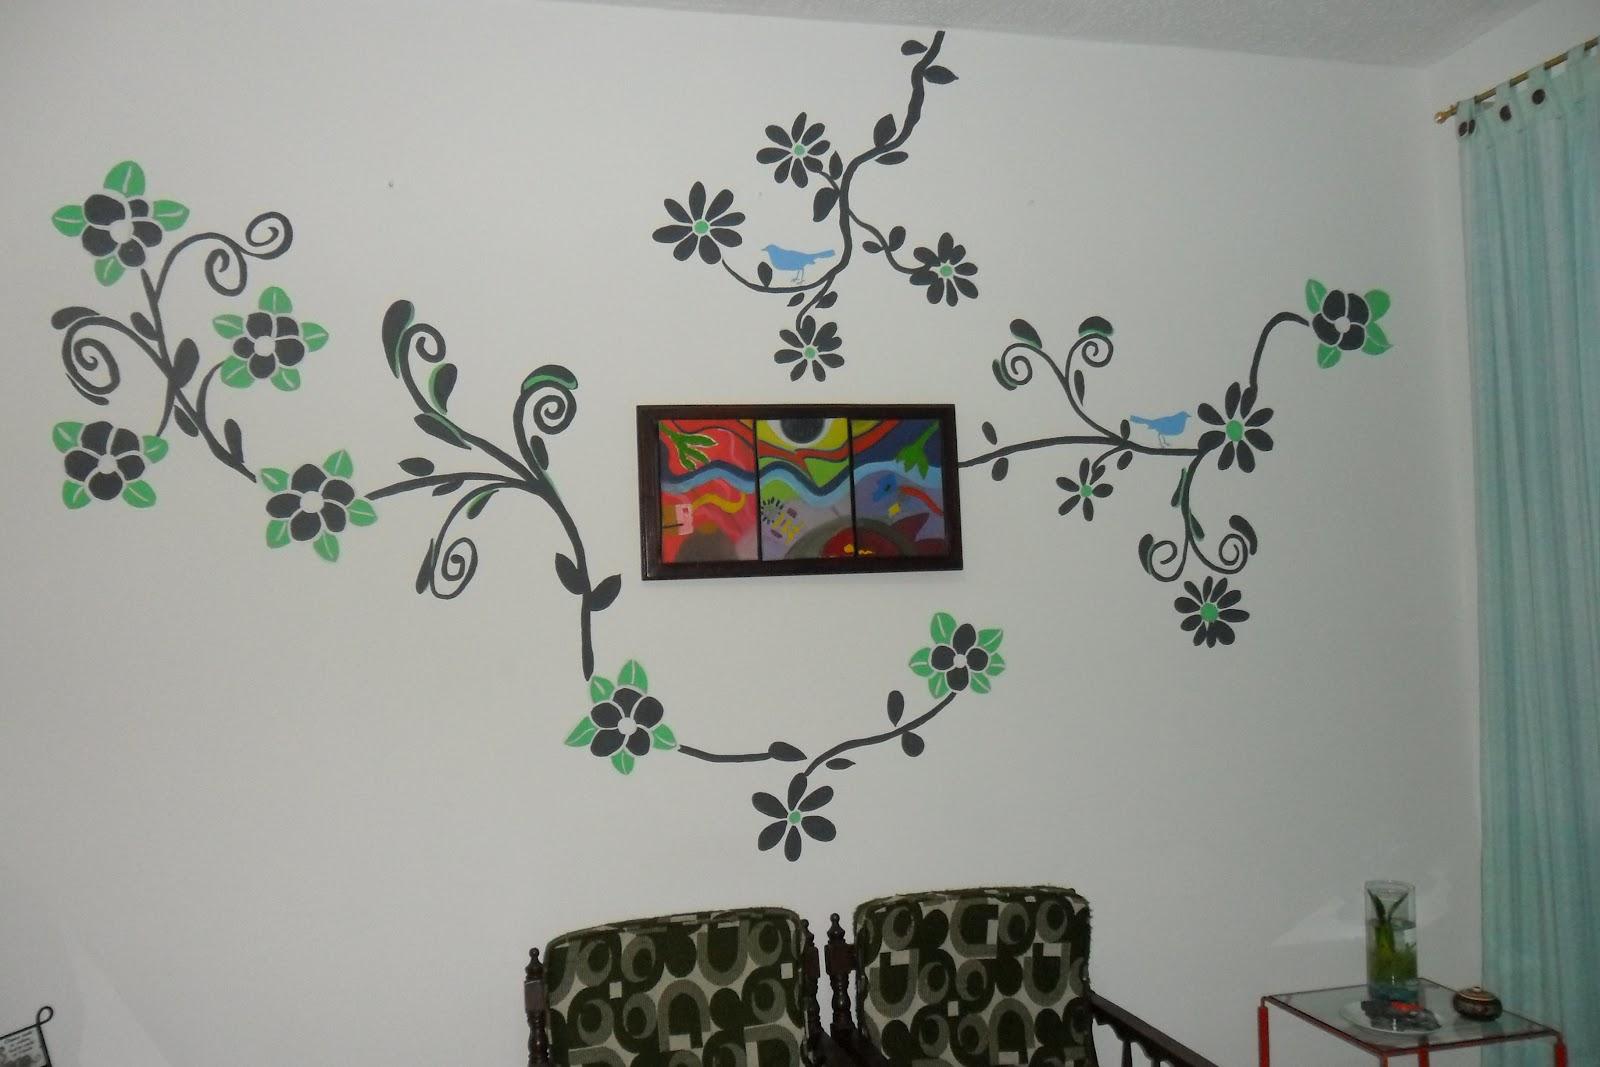 Decoraciones para el hogar nuevas tendencias para decorar for Decoraciones para tu hogar